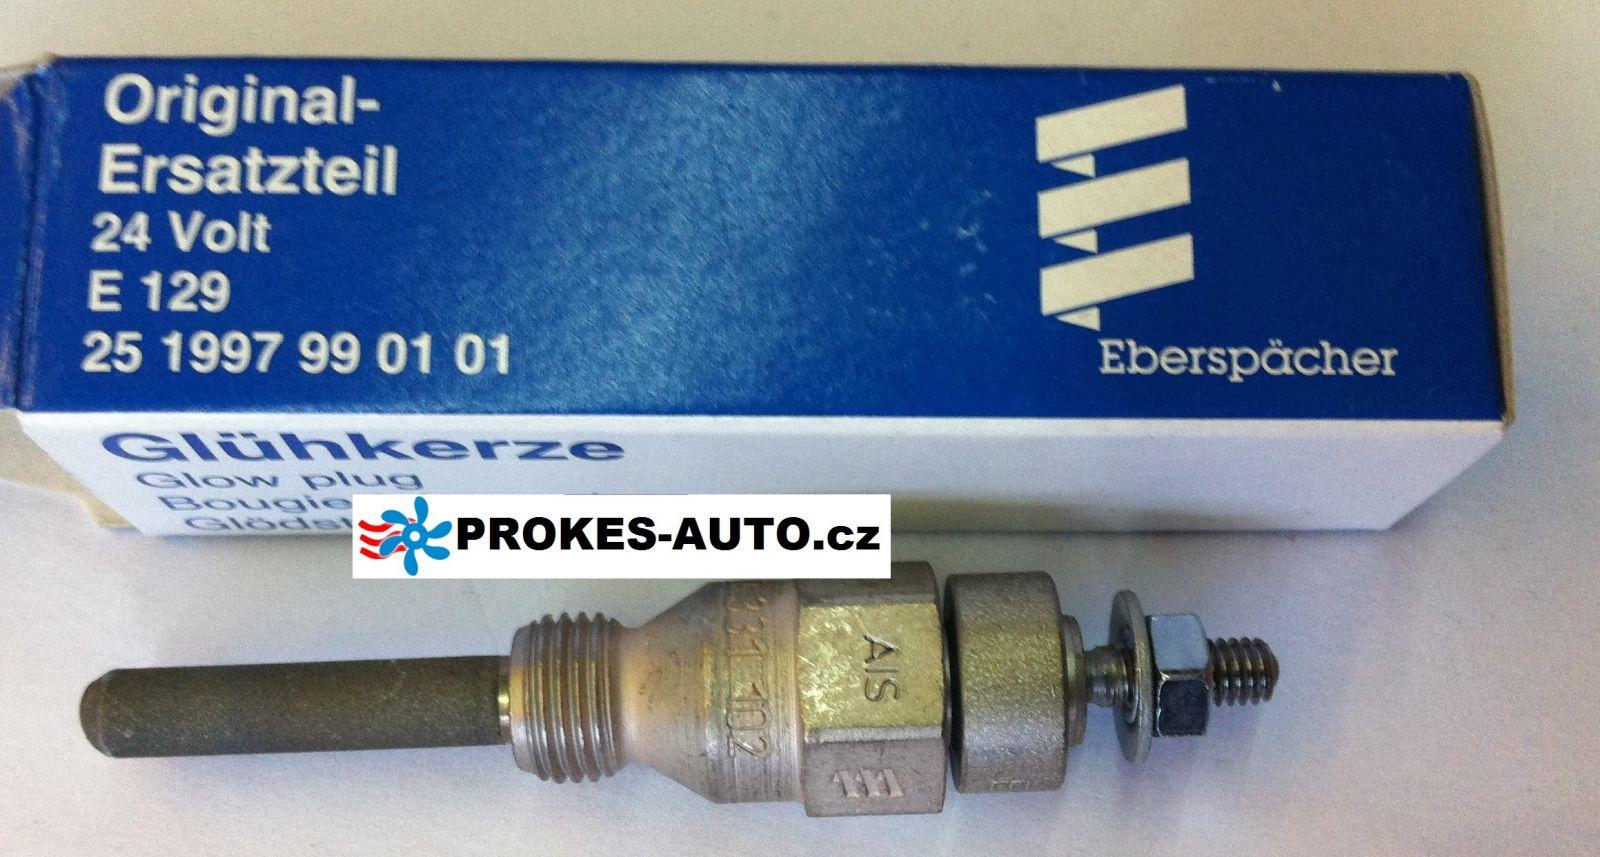 Glow Pin E129 24V Hydronic 10 / D9W 251997990101 Eberspächer